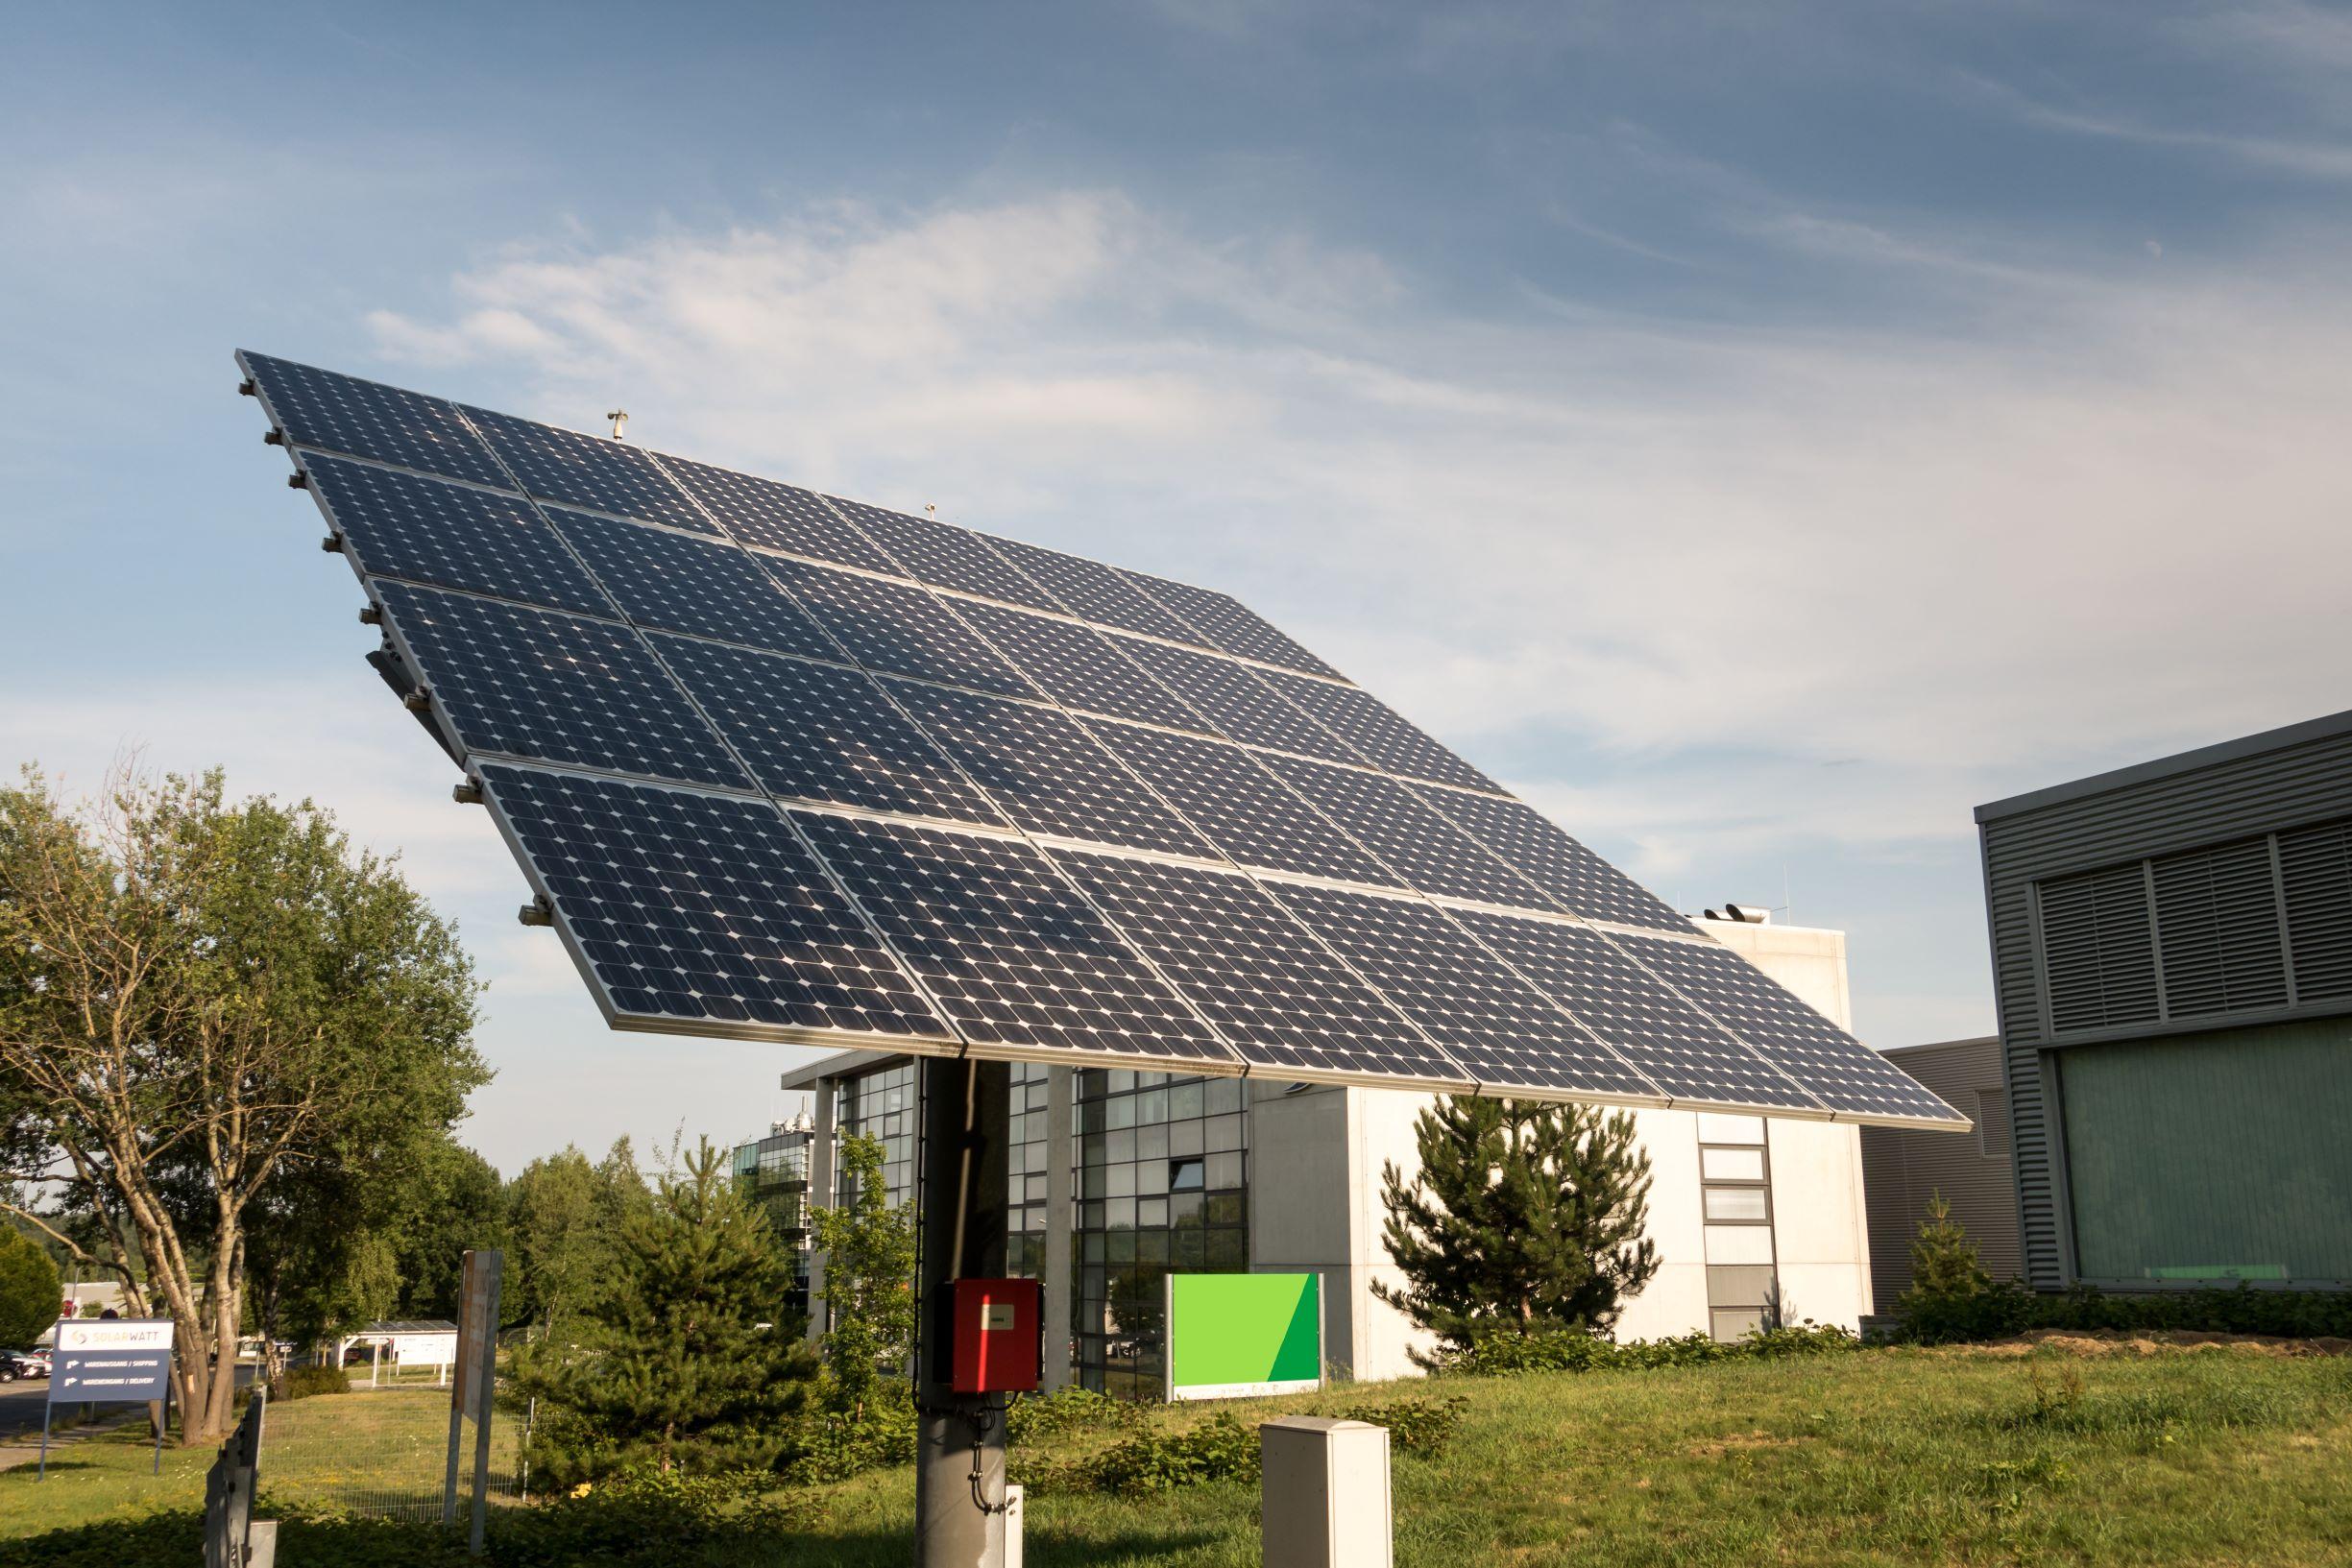 Comunicazione dei risparmi energetici ad ENEA: obbligatoria entro marzo 2021